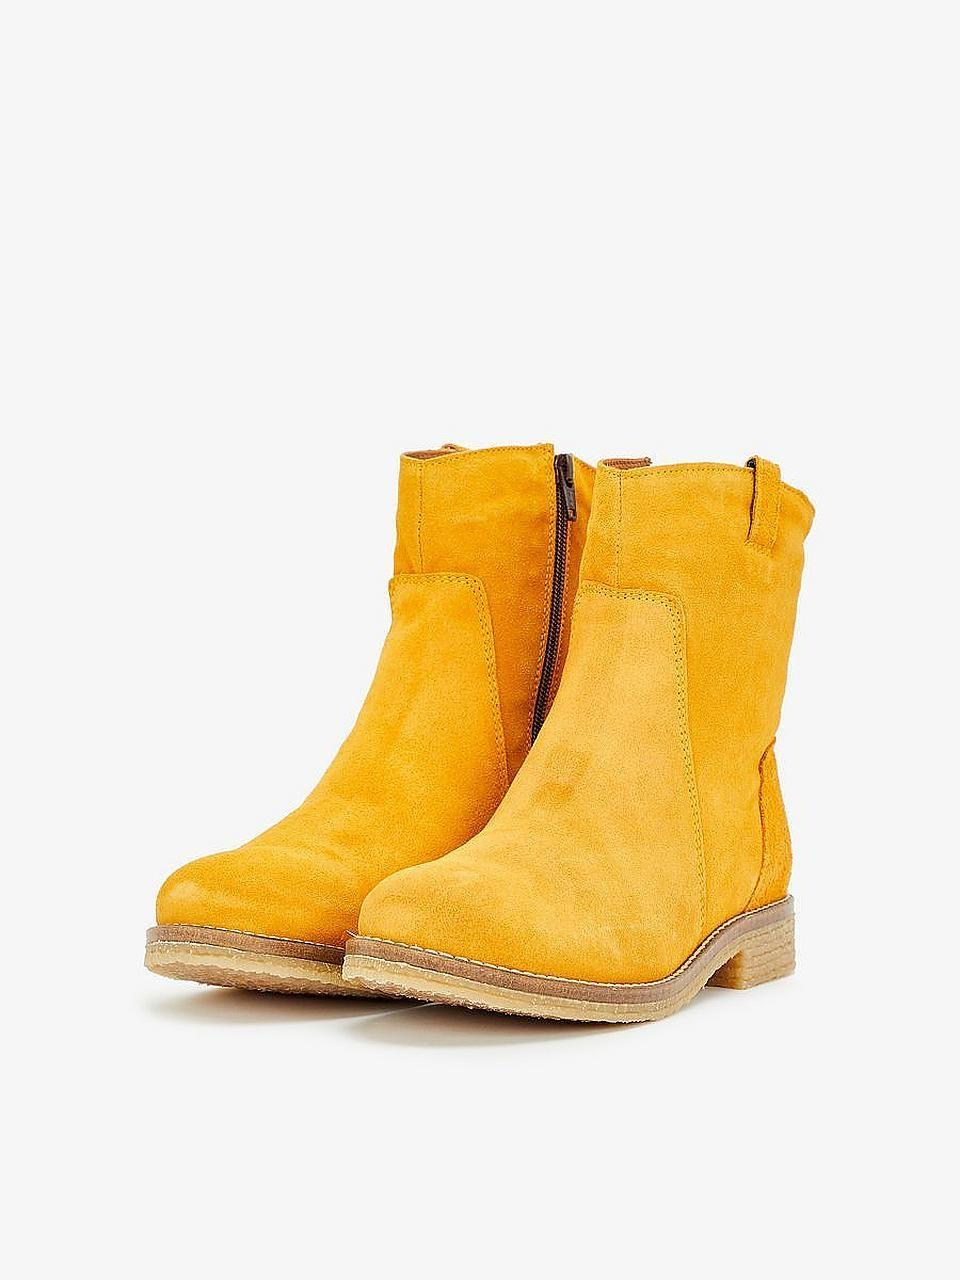 Rechnung Atalia Ankle Leder Boots Per Bianco b6yf7vIYg